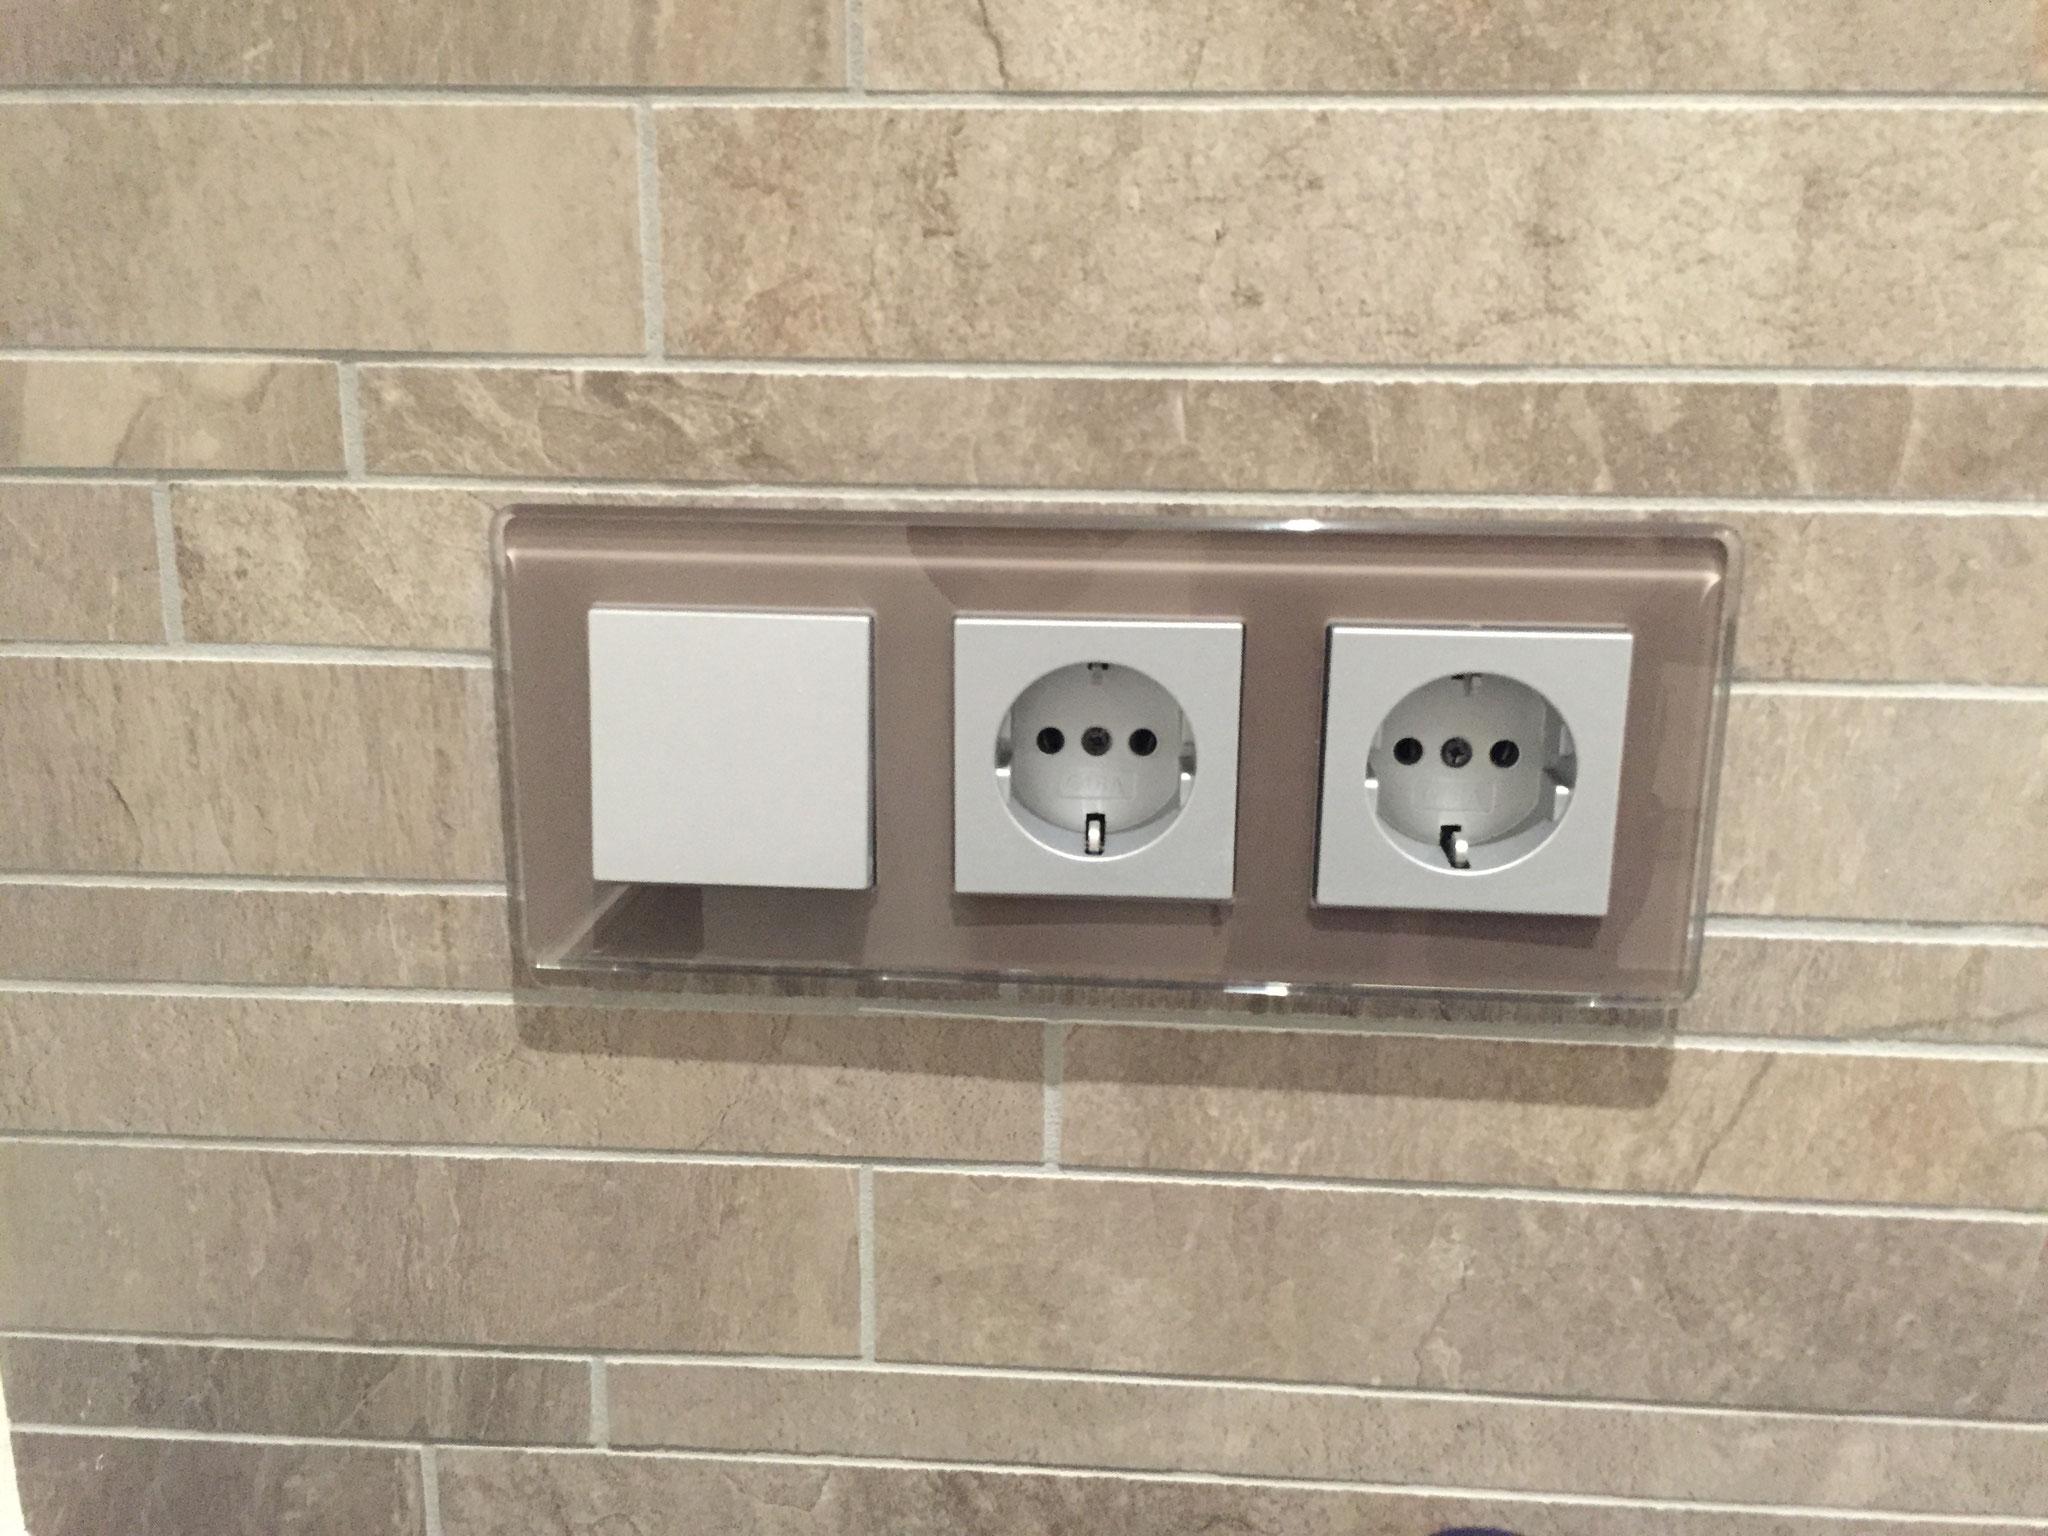 Installation Badezimmer   Ihr Badezimmer Badewannen Duschen Waschbecken